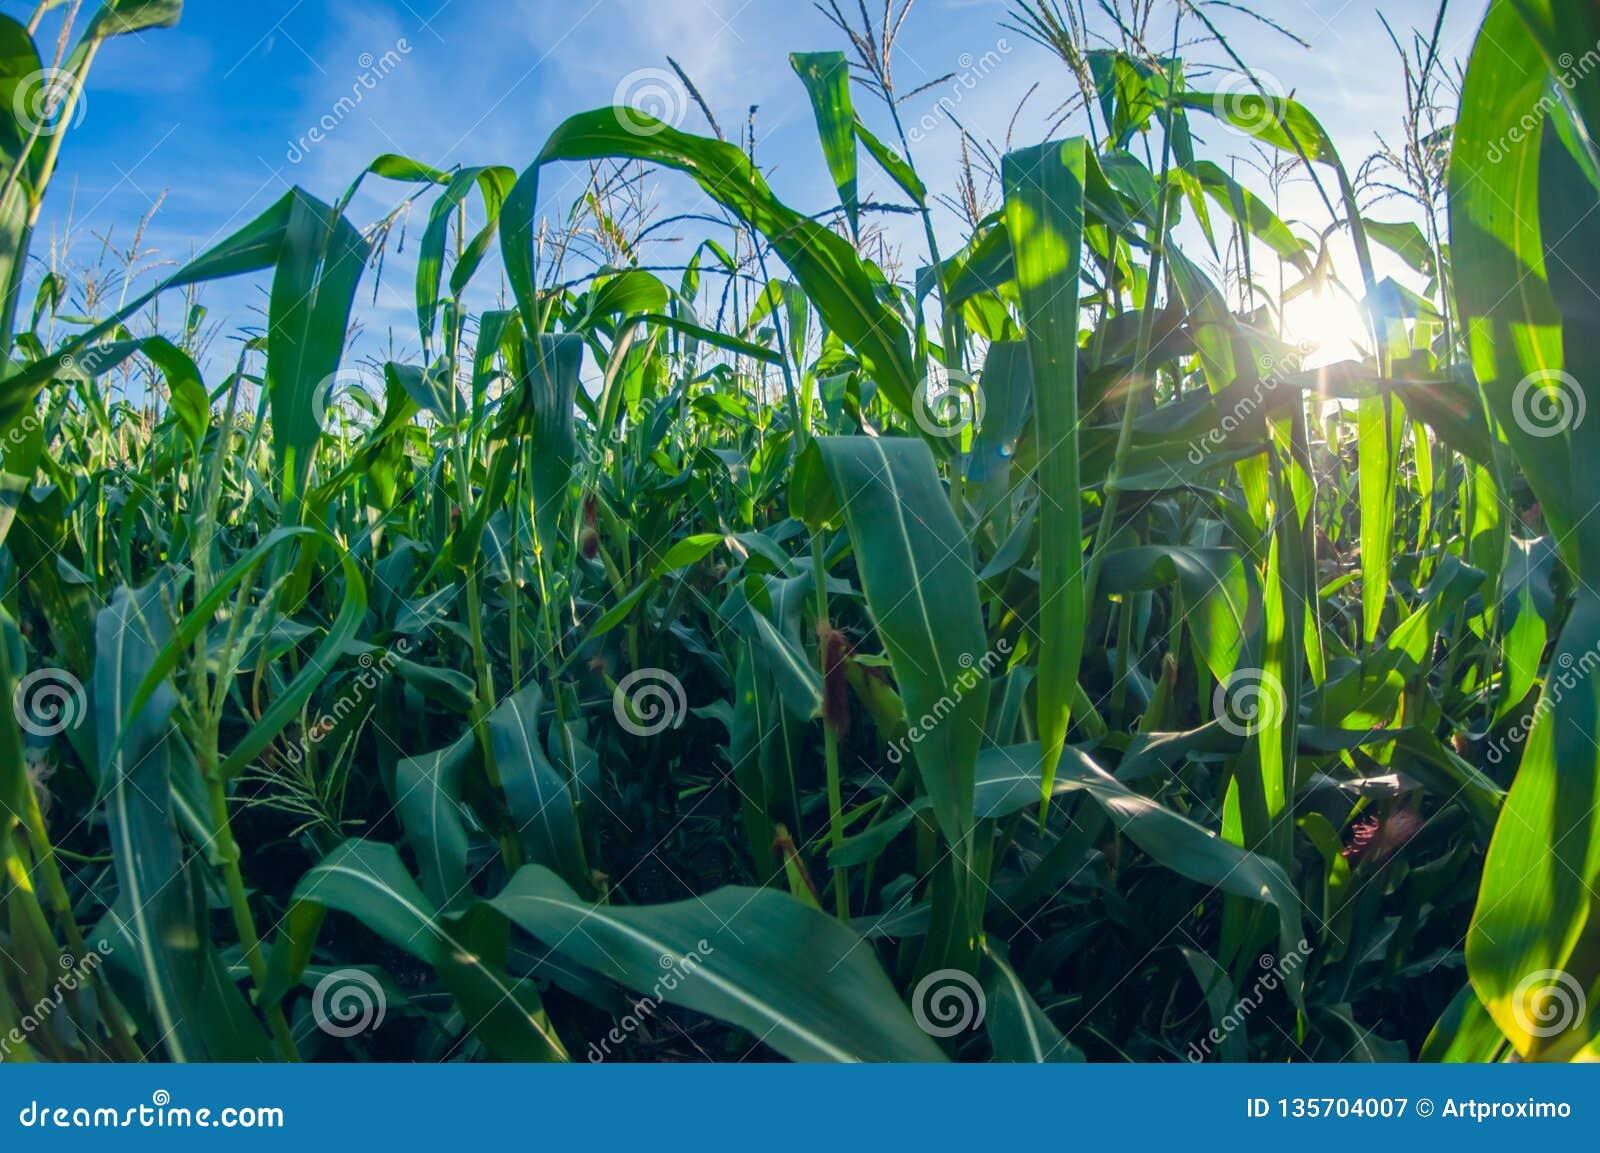 Campo de milho em um dia ensolarado, folhas do milho, opinião de lente de fisheye da perspectiva da distorção